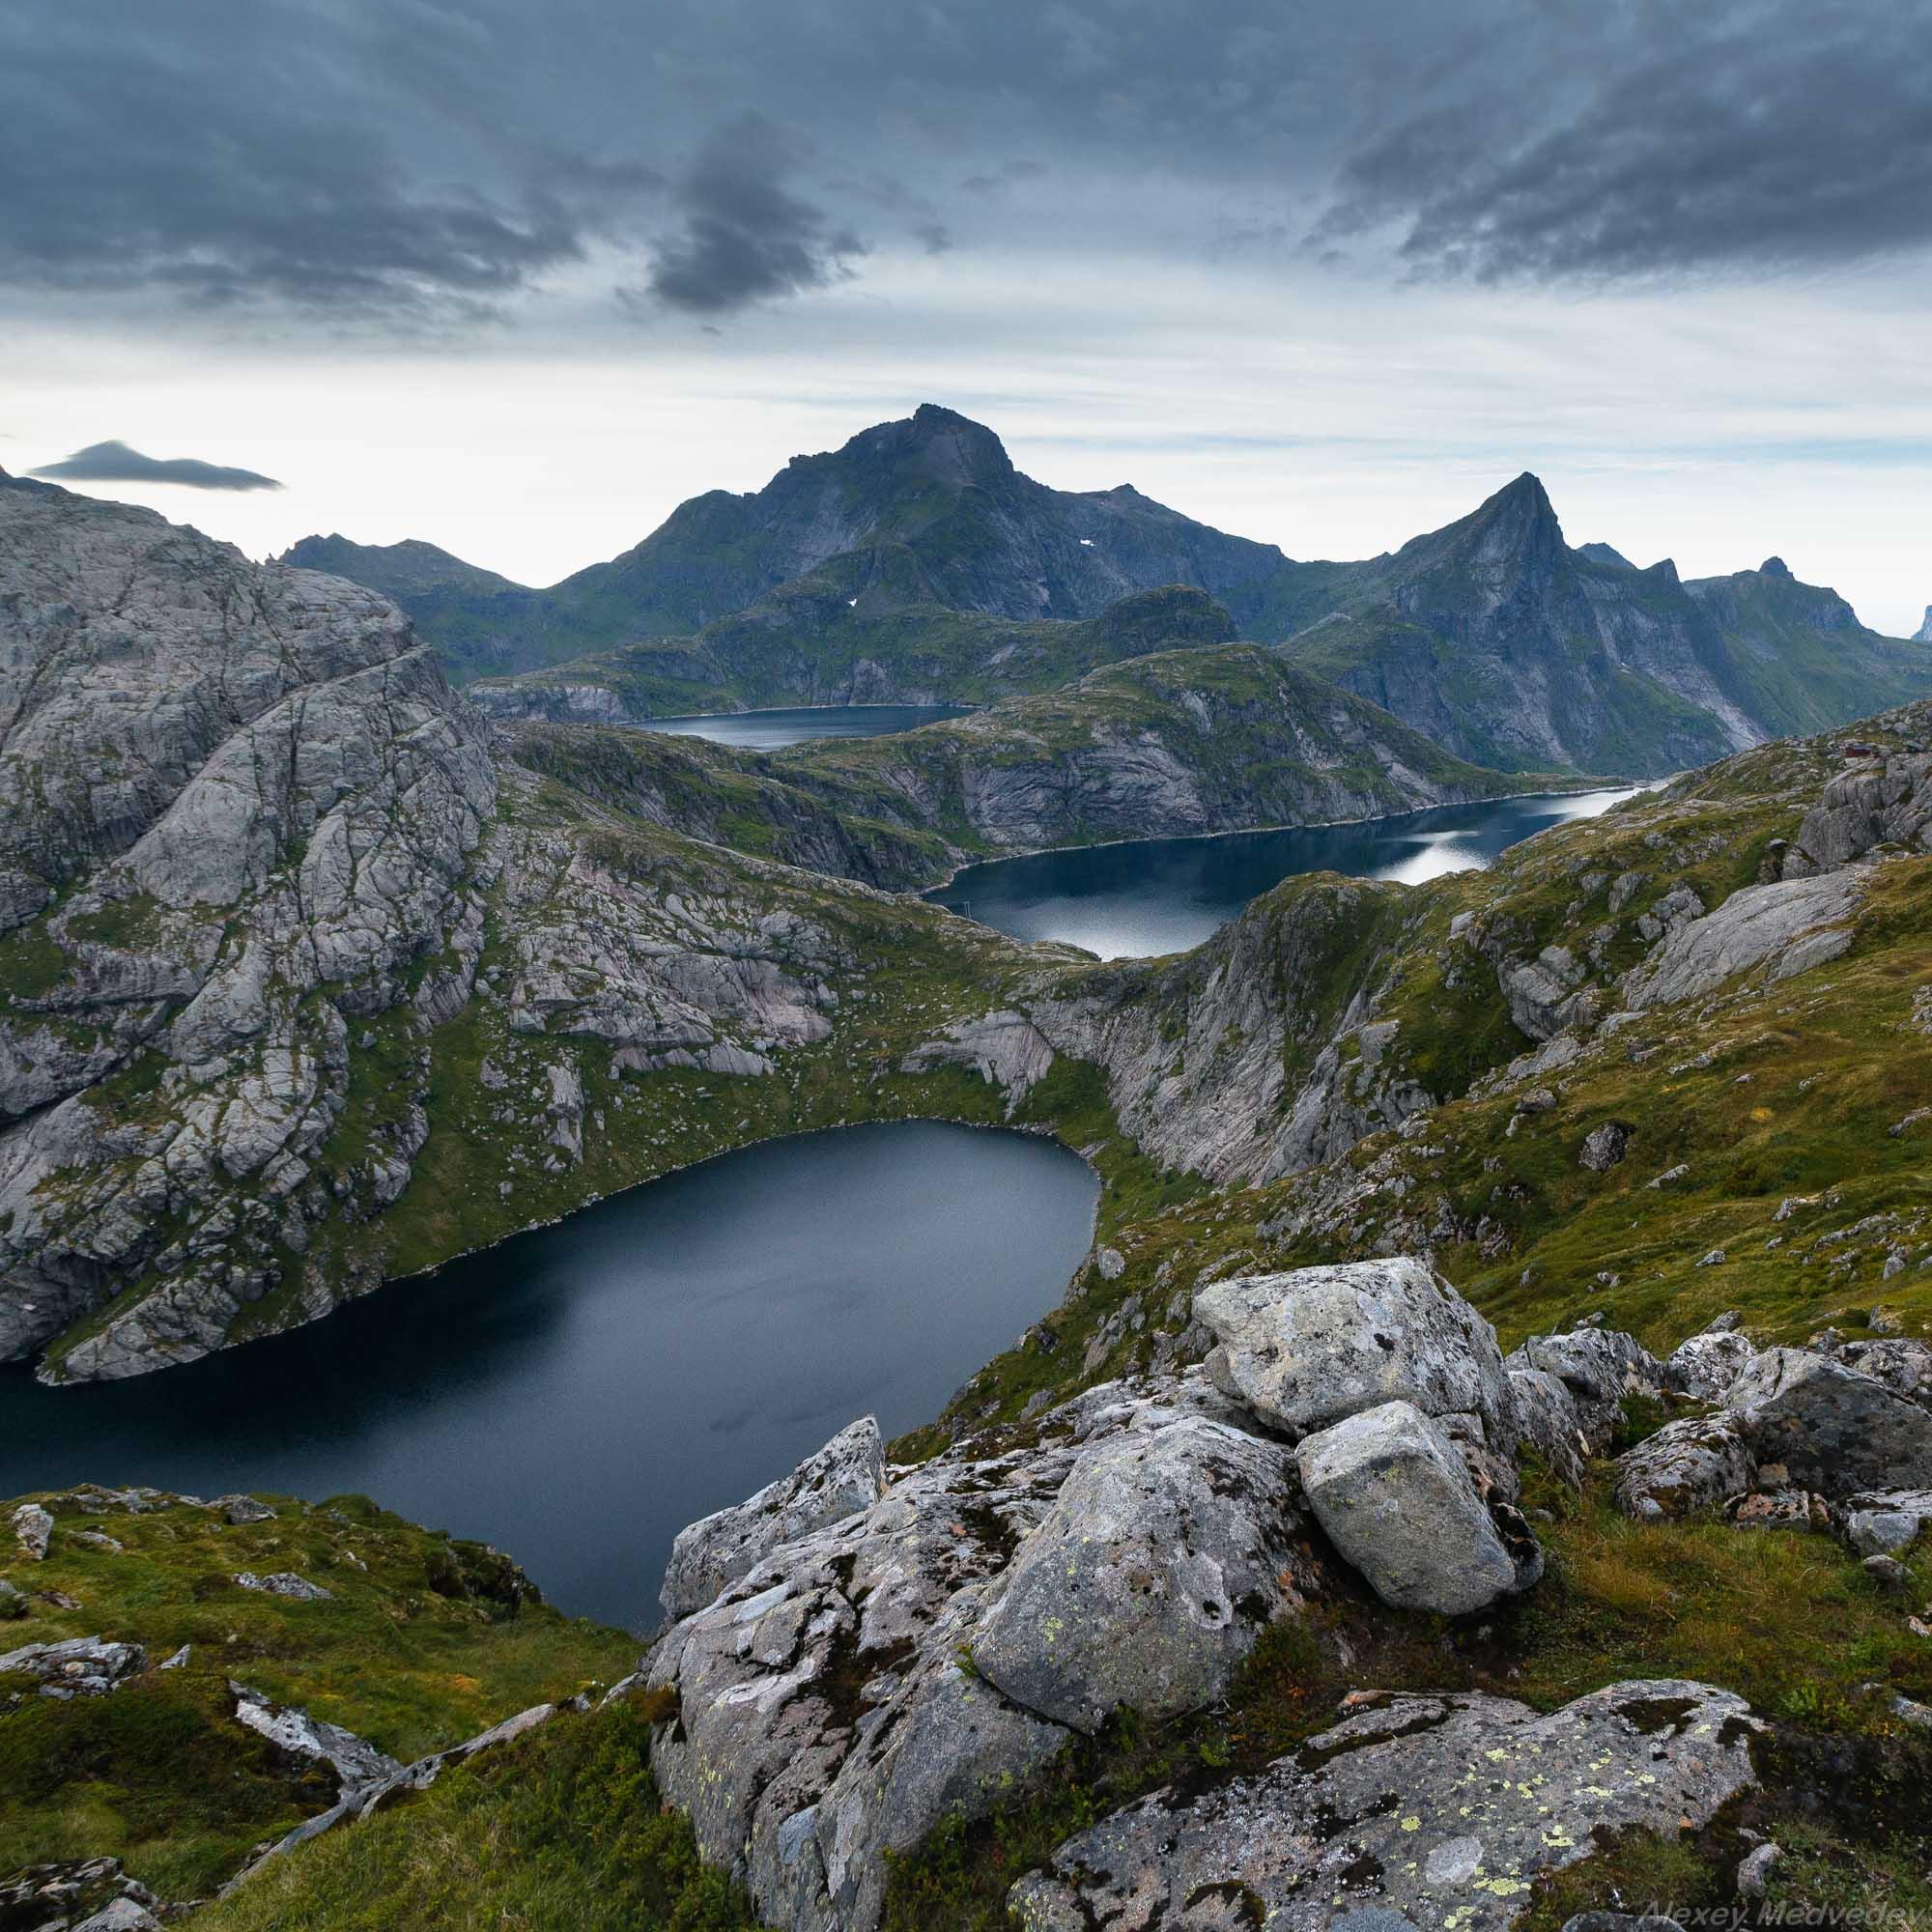 лофотены, Норвегия, пляж, море, север, острова, скалы, панорама, Алексей Медведев